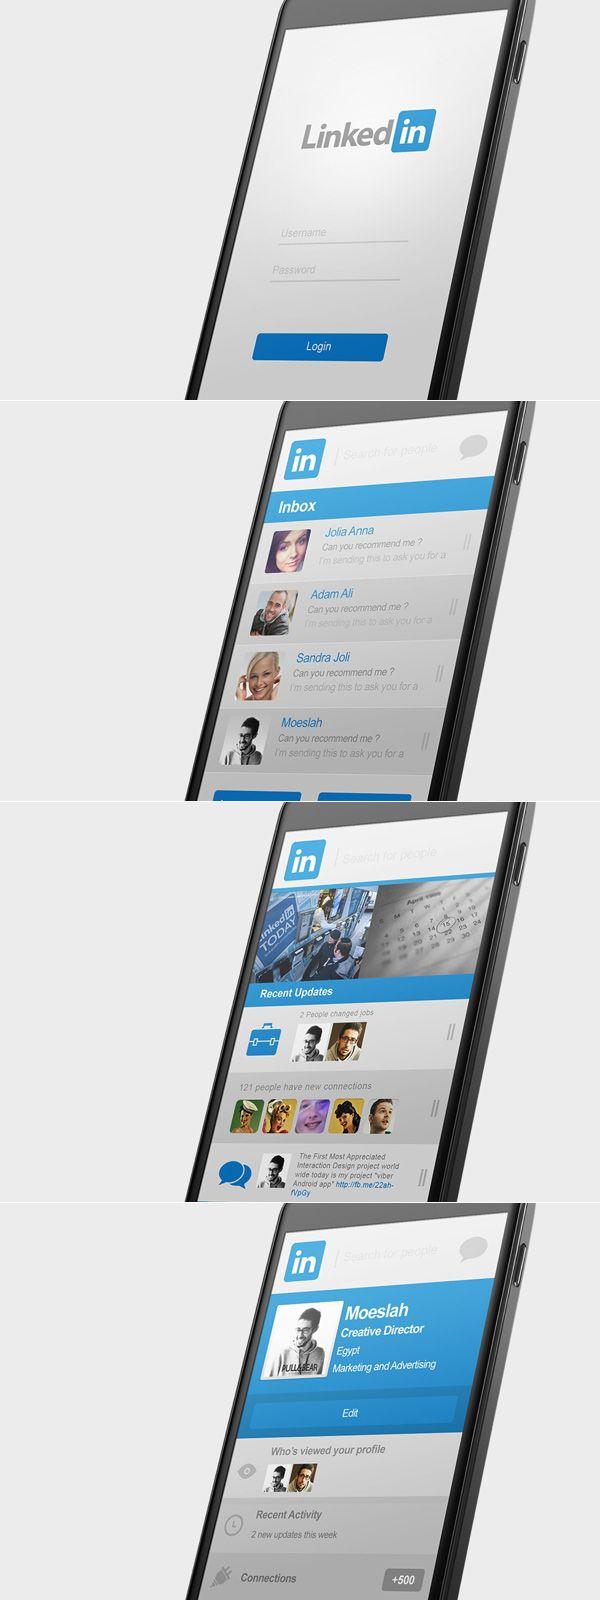 링크드 인 안드로이드 앱 재 설계